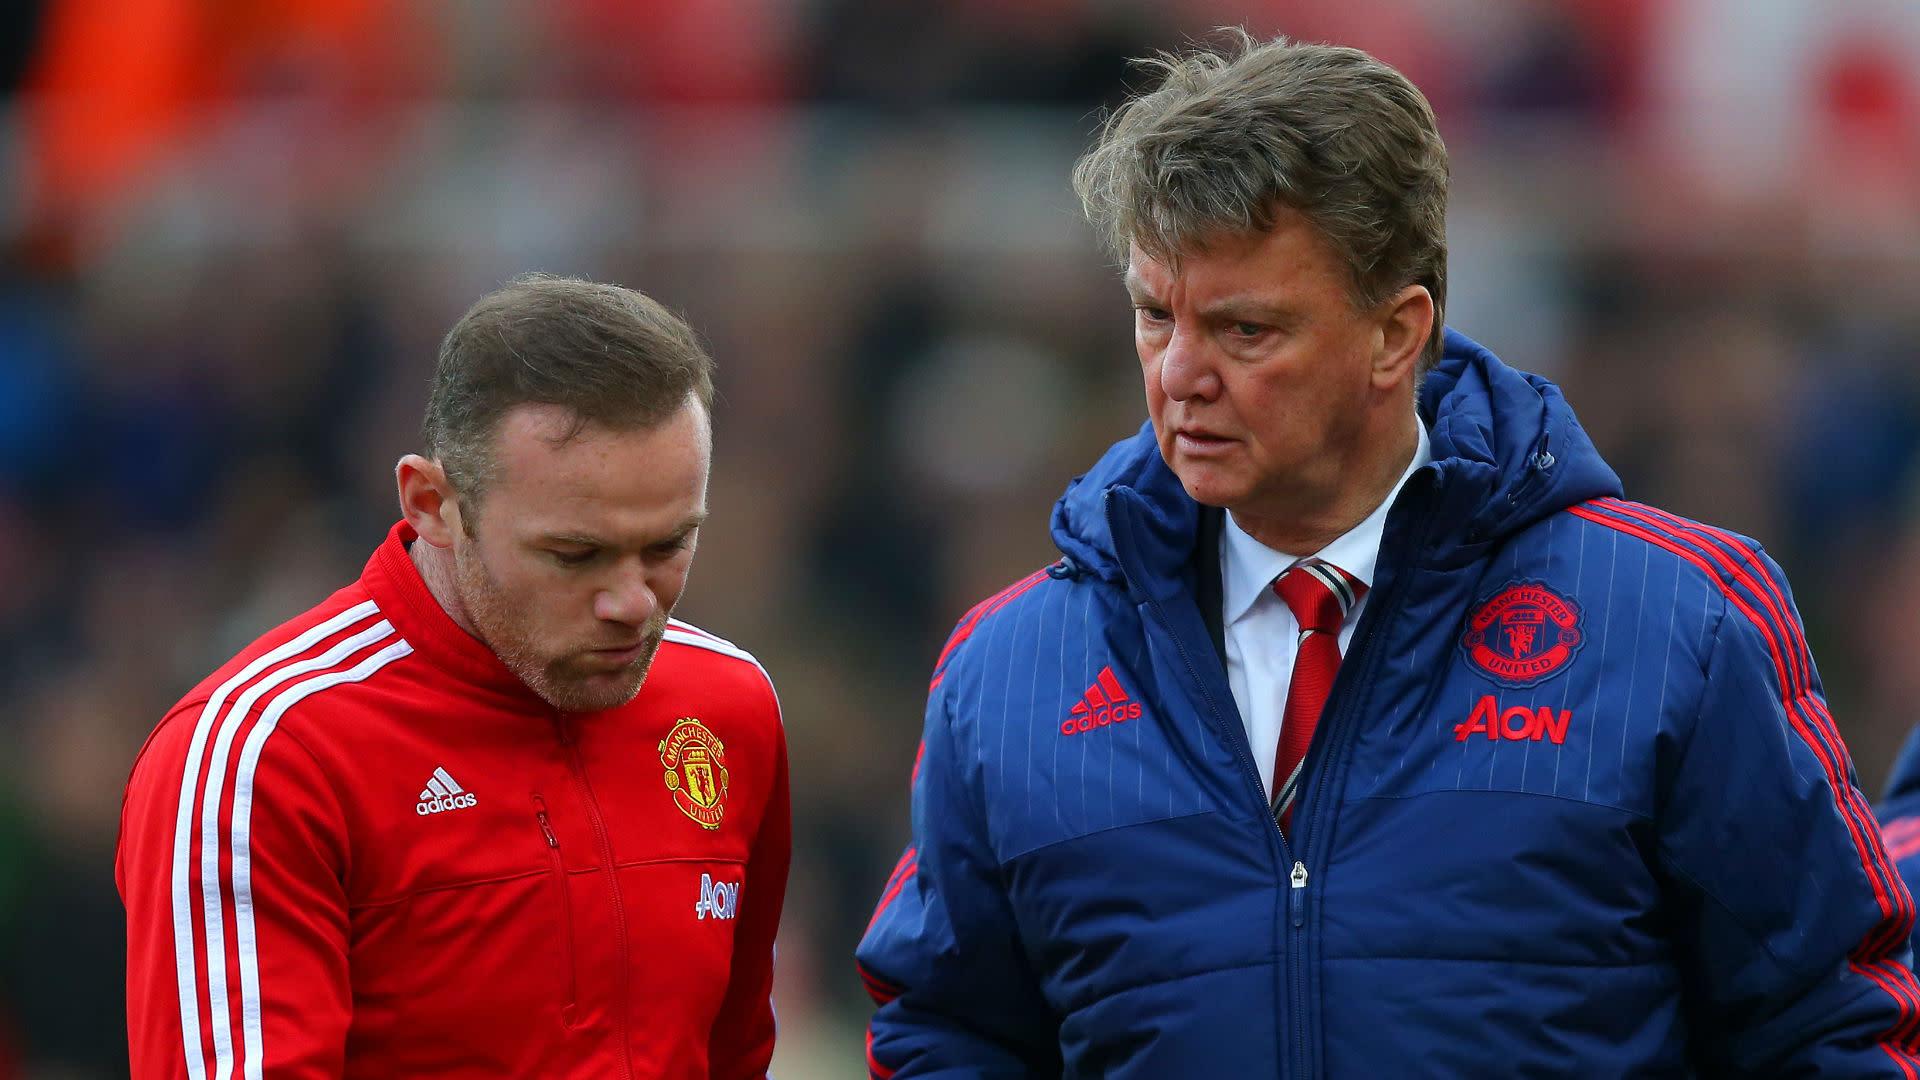 Van Gaal disputes Rooney, Lingard freedom claims